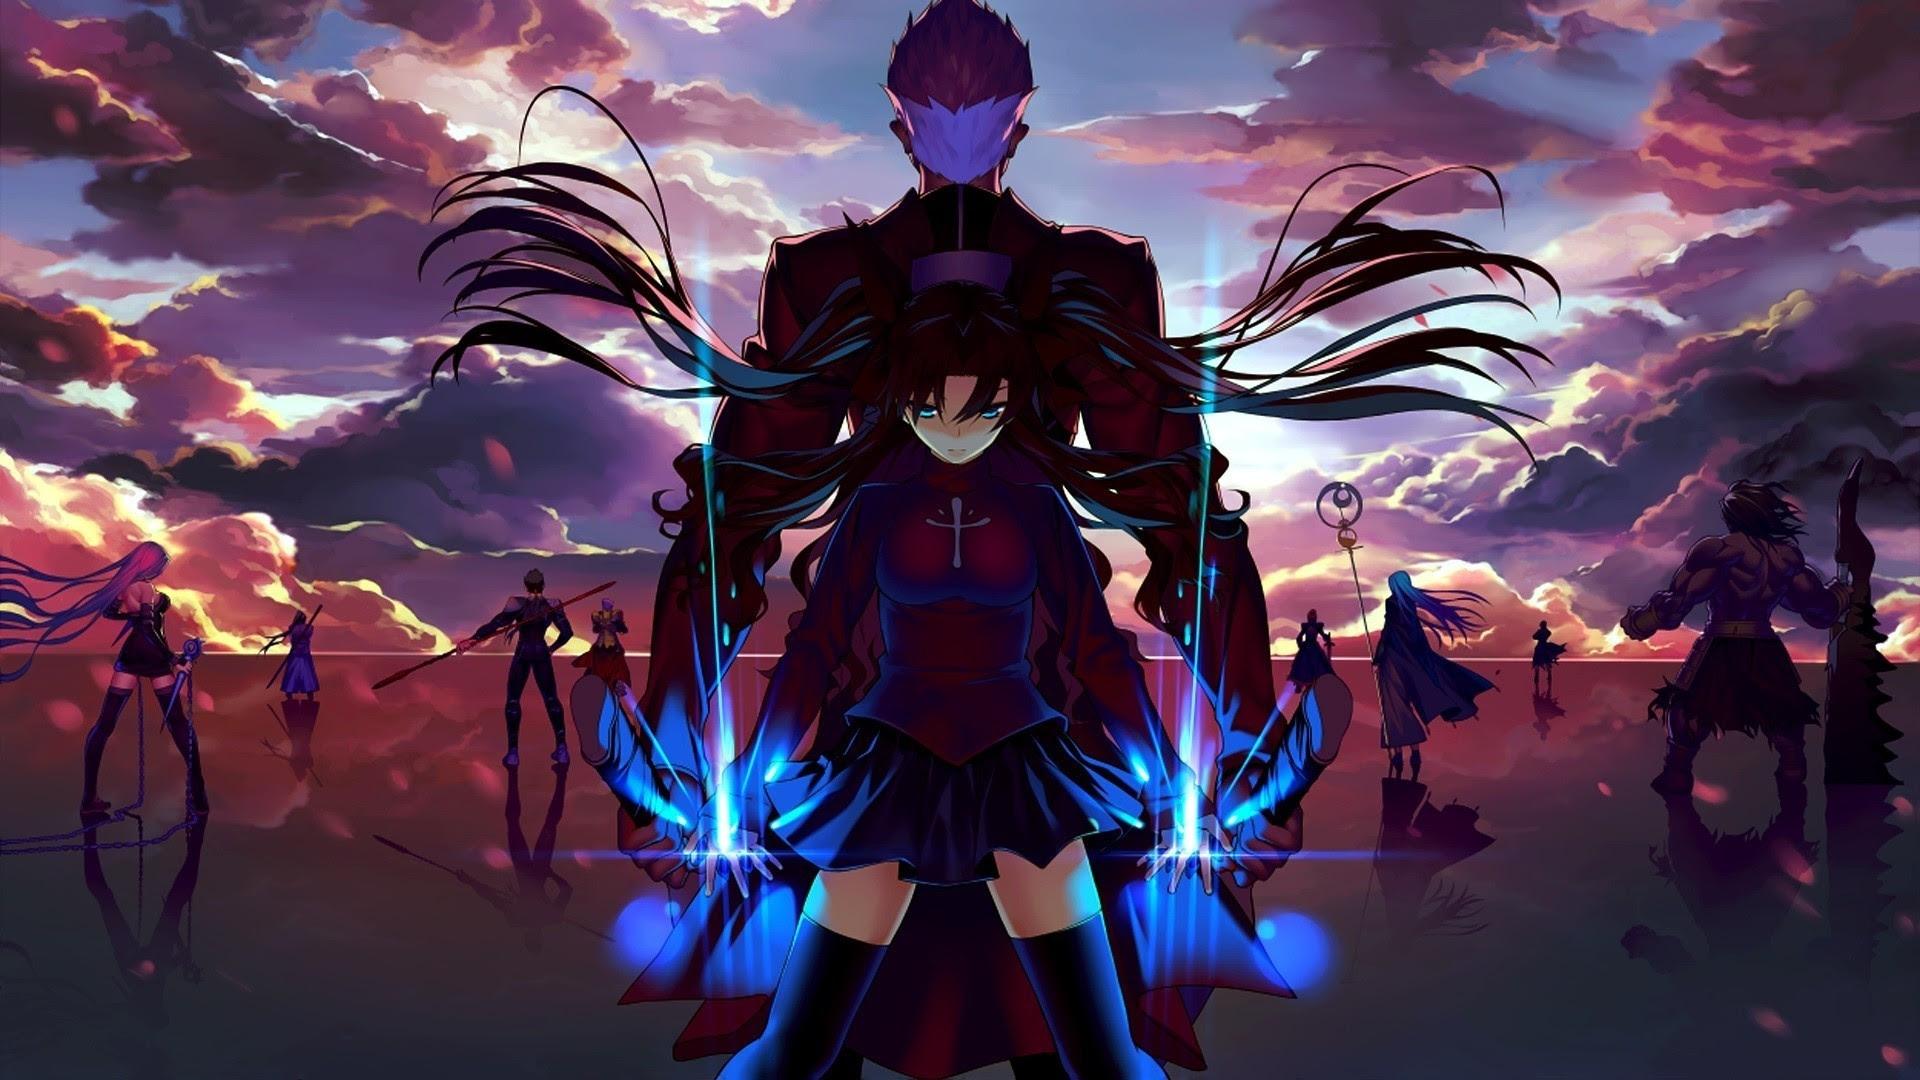 21 Desktop Wallpaper Hd 1920x1080 Anime Anime Wallpaper